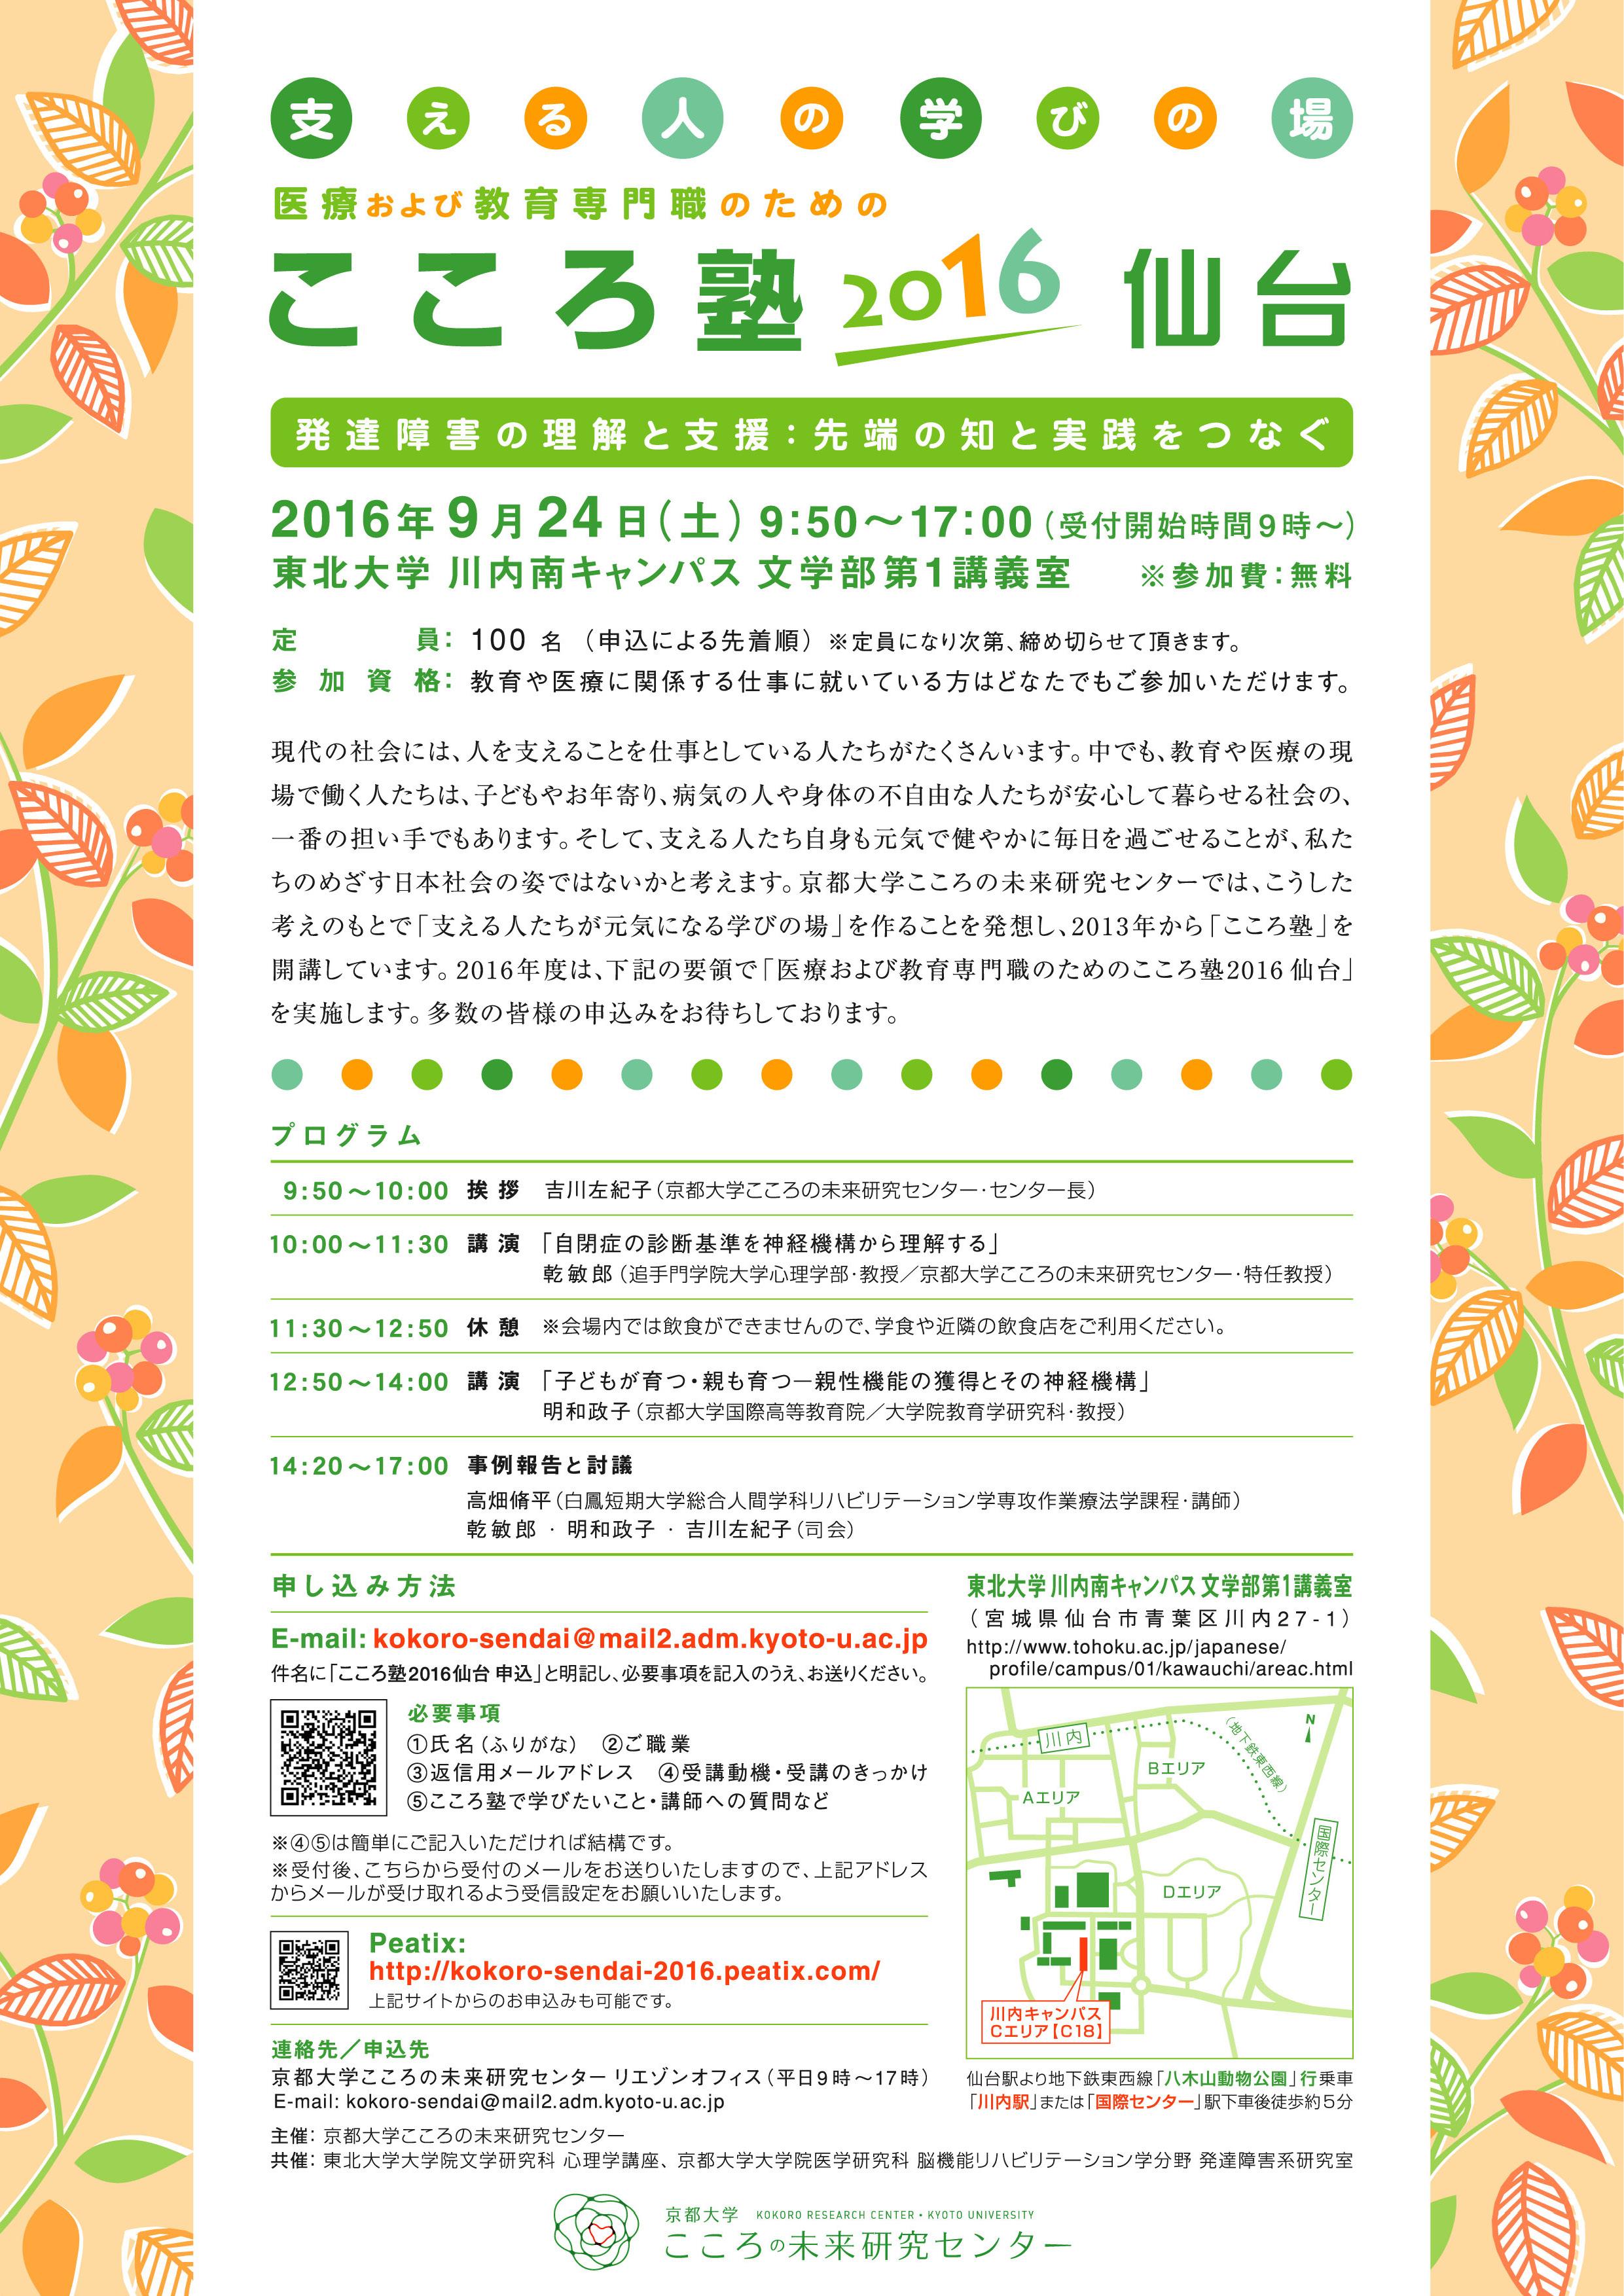 支える人の学びの場 医療および教育専門職のための こころ塾2016 仙台